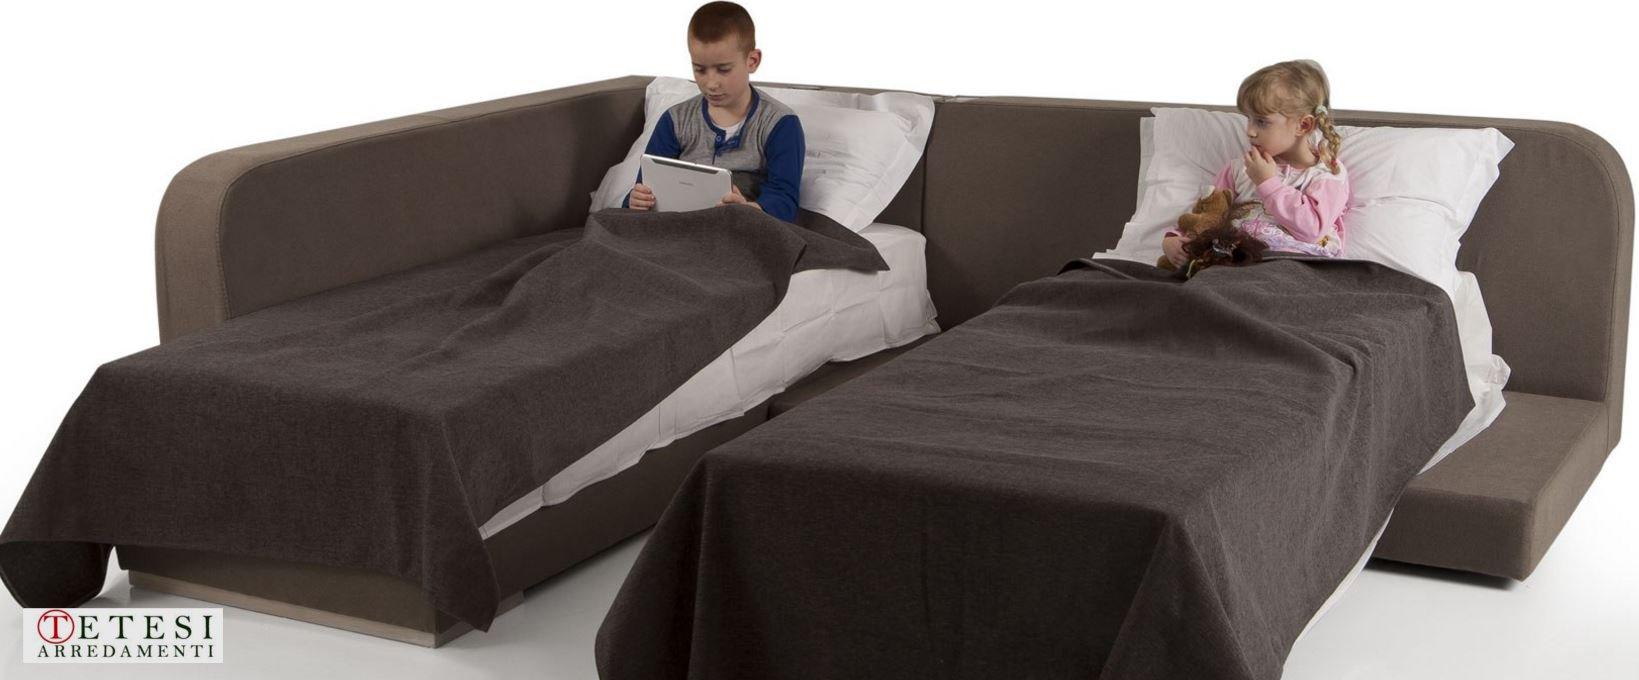 Divani letto e divani letto angolari personalizzabili di ...